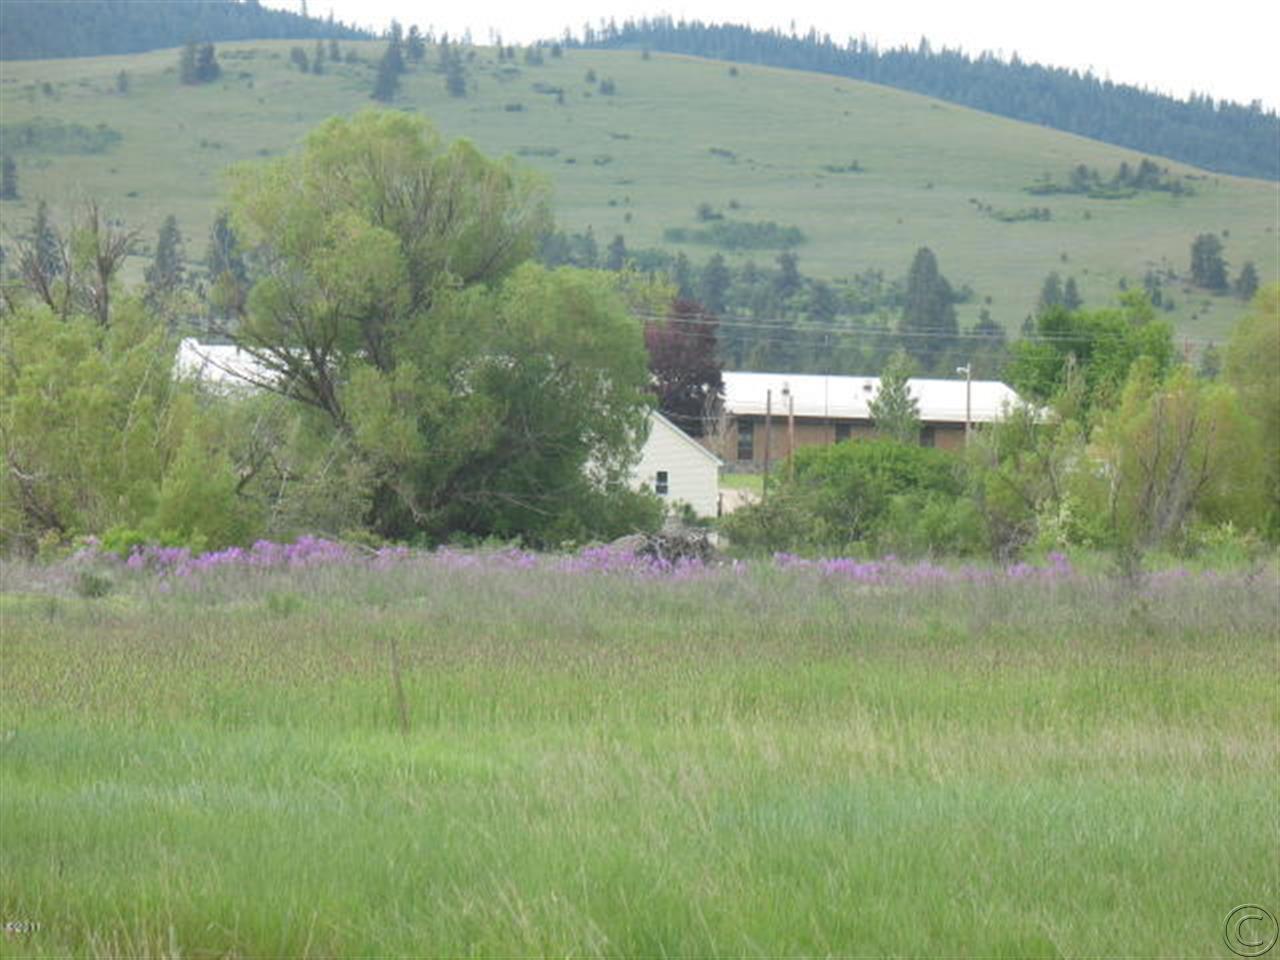 Real Estate for Sale, ListingId: 28025517, Hot Springs,MT59845